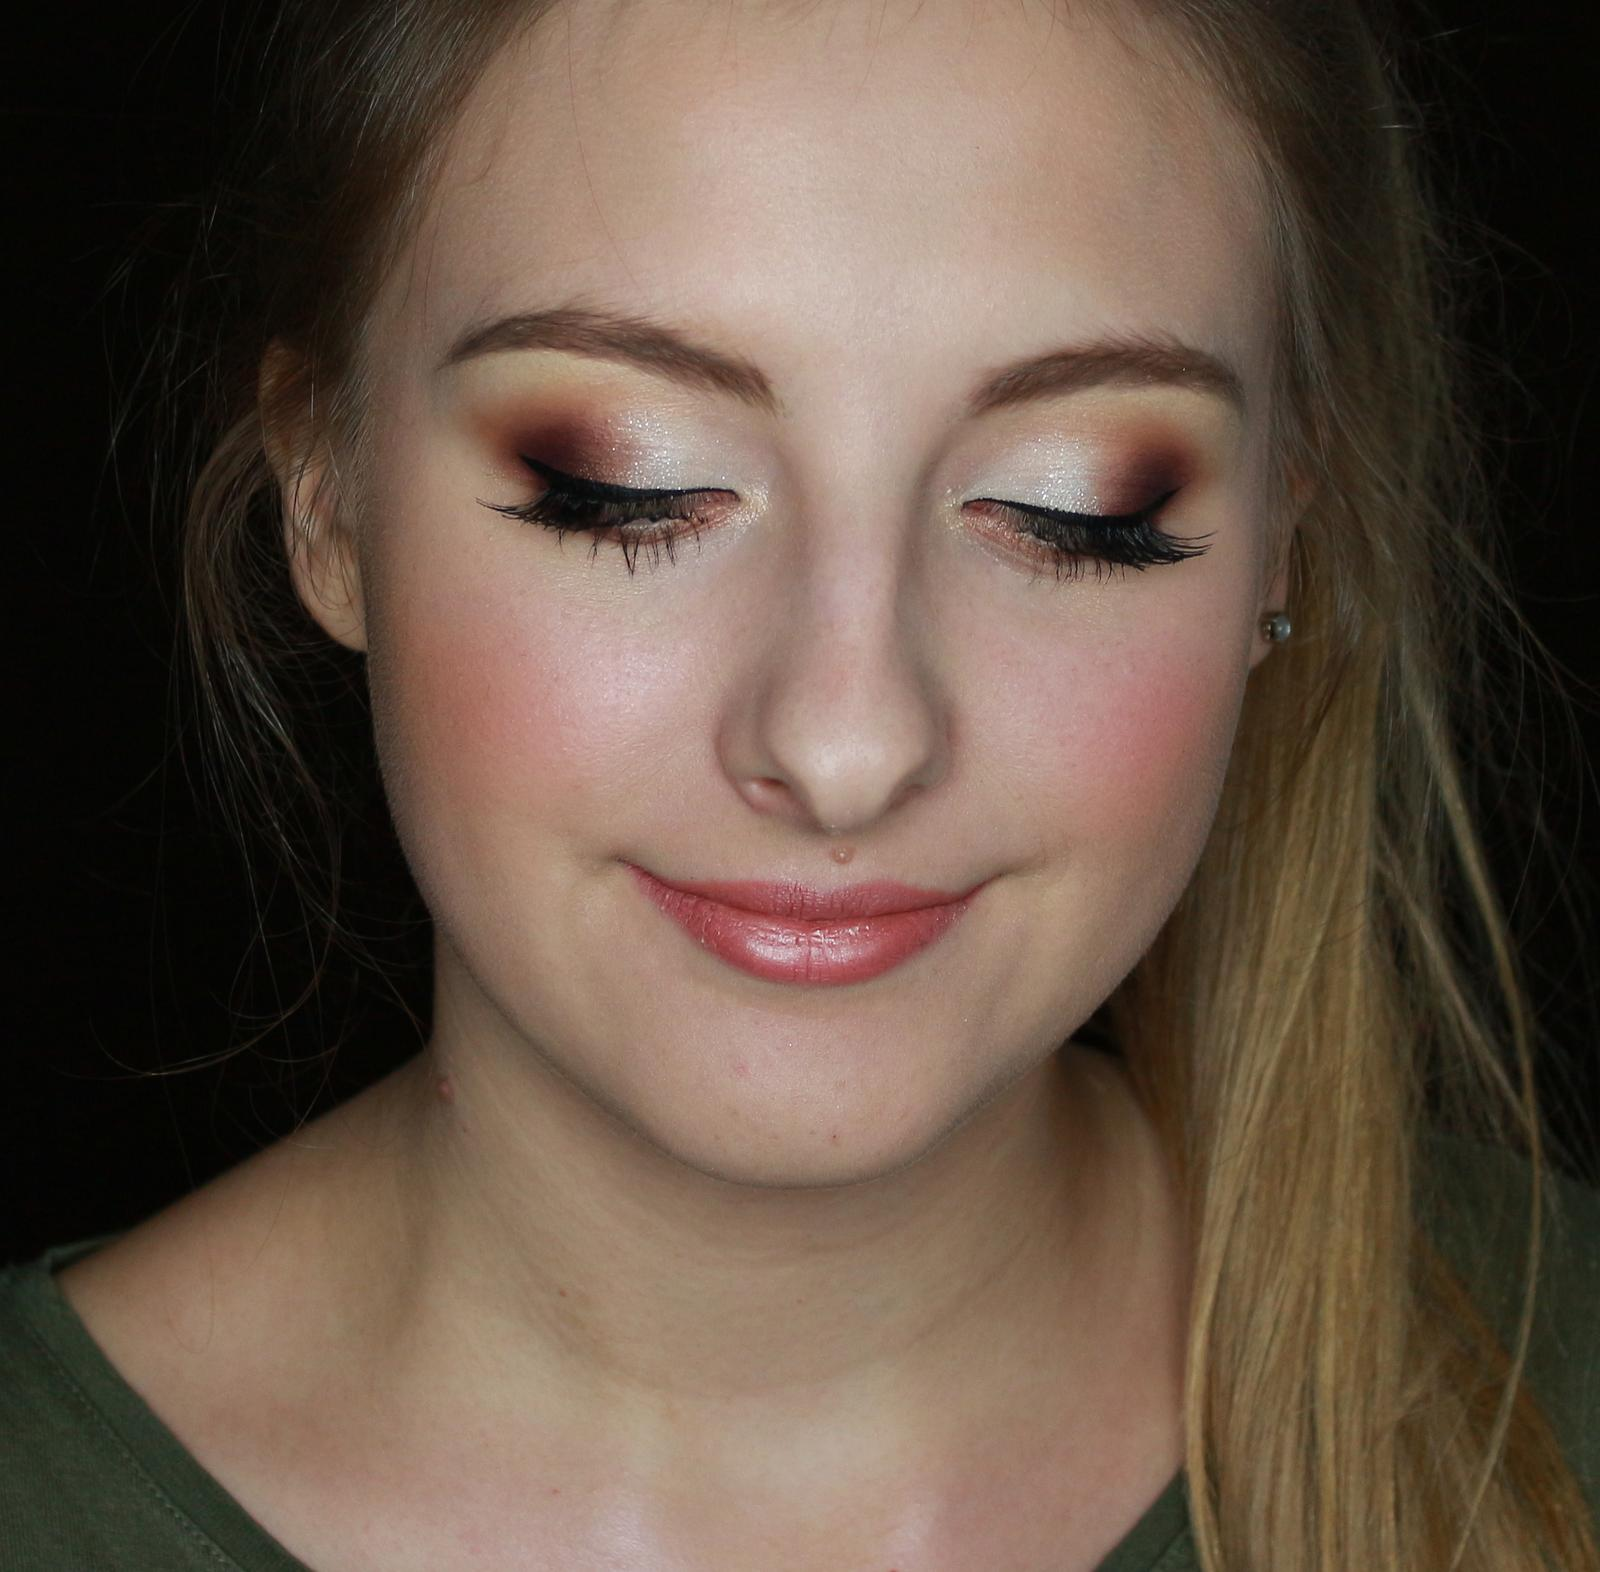 Vizážistka Žilina, svadobný makeup - Obrázok č. 1